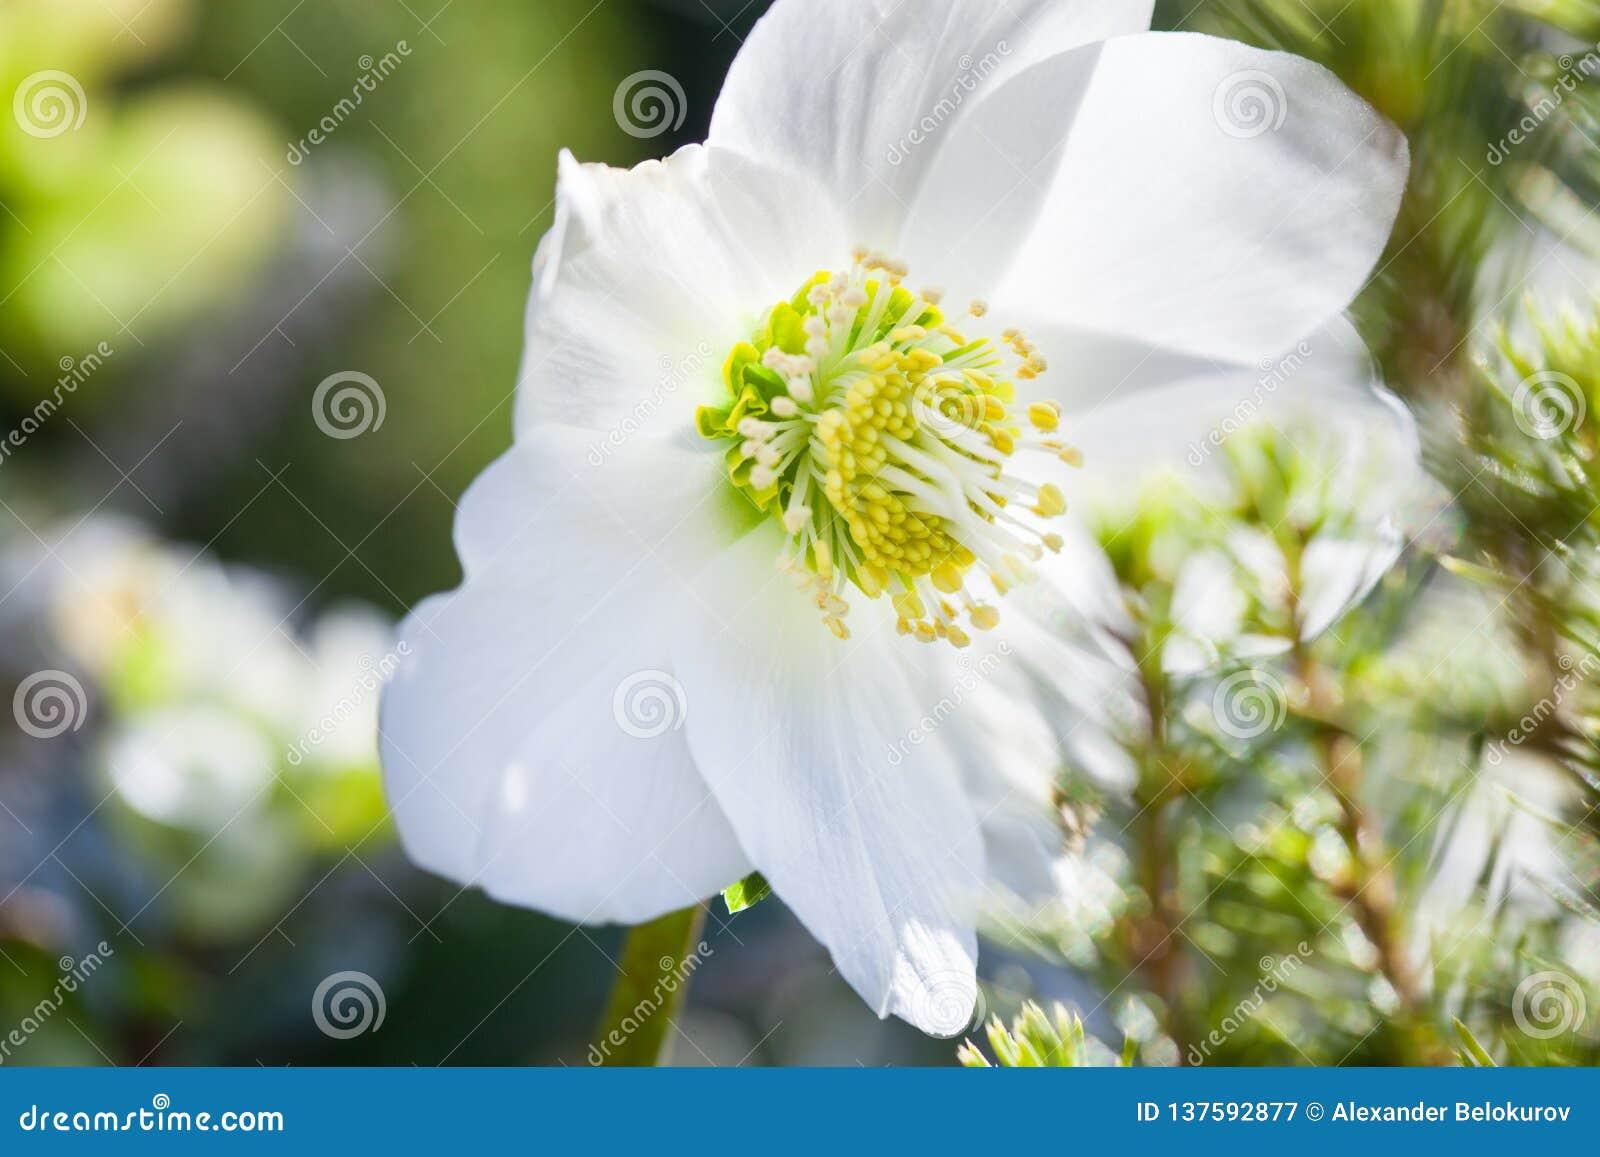 W górę fotografii pięknego bożego narodzenia różanego Helleborus Niger biały kwiat w wintergarden